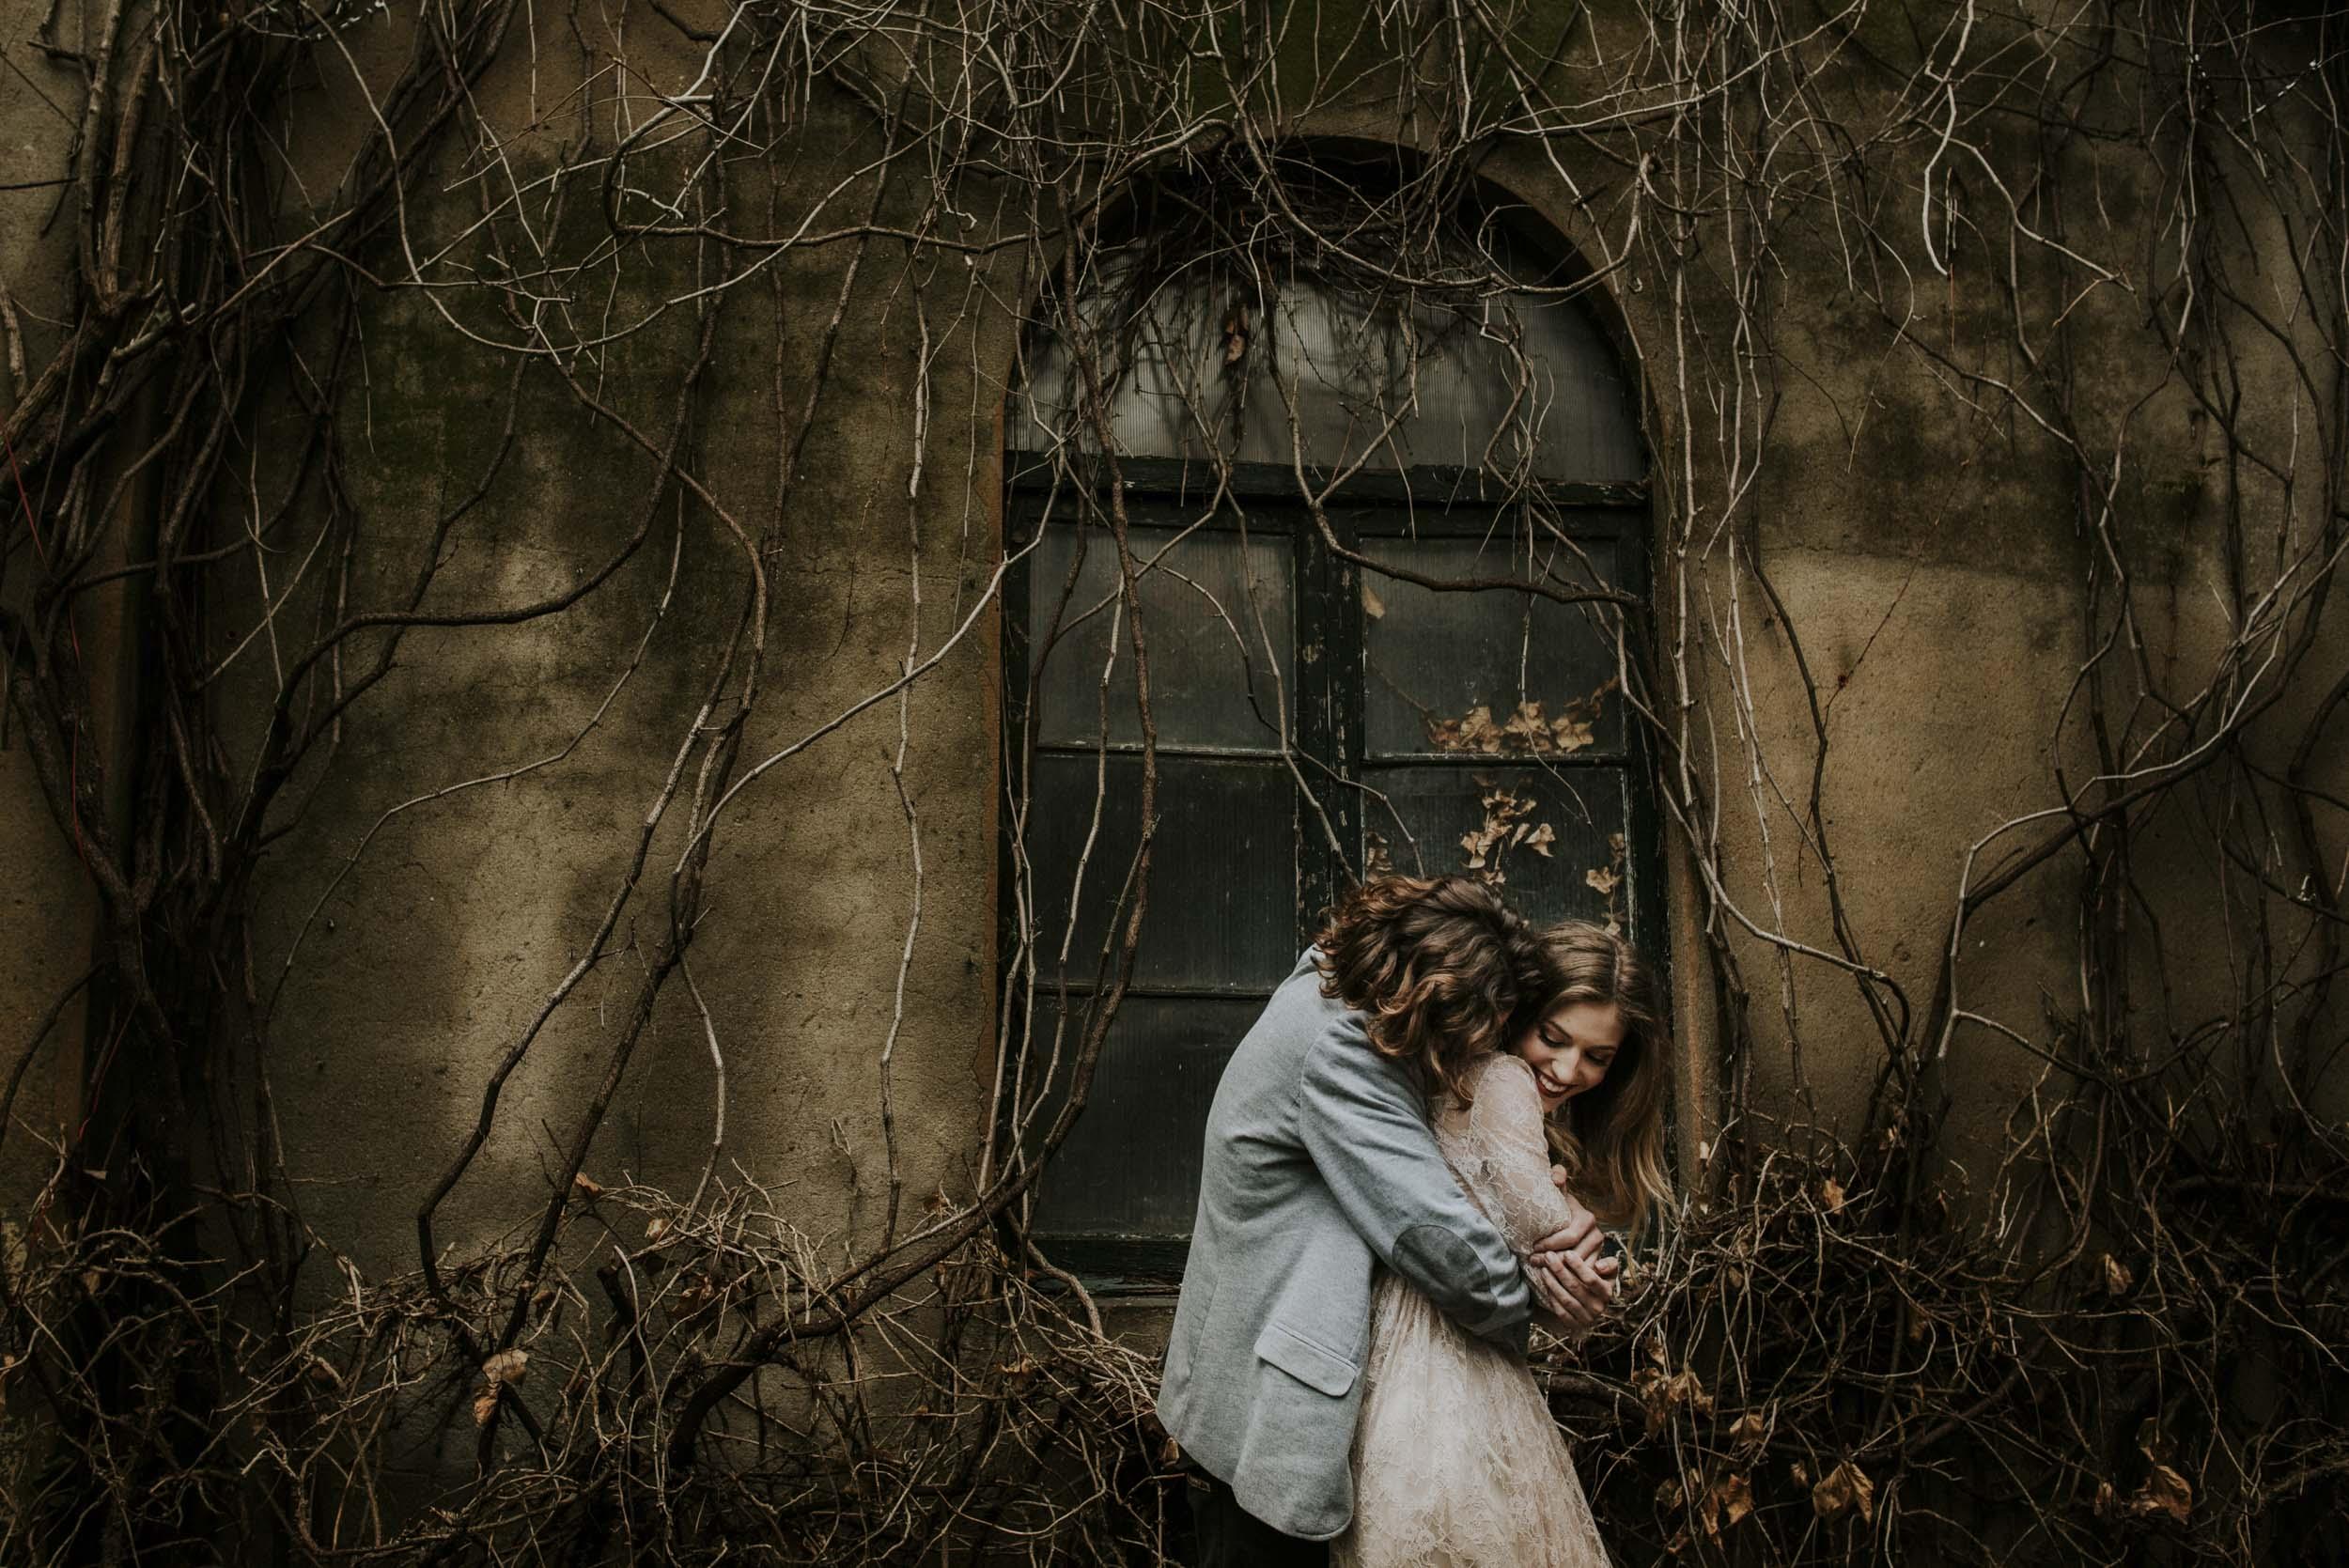 Boda_Barcelona_Kazados_Crazy_Preboda_Wedding_Gandia_Fotografo-11